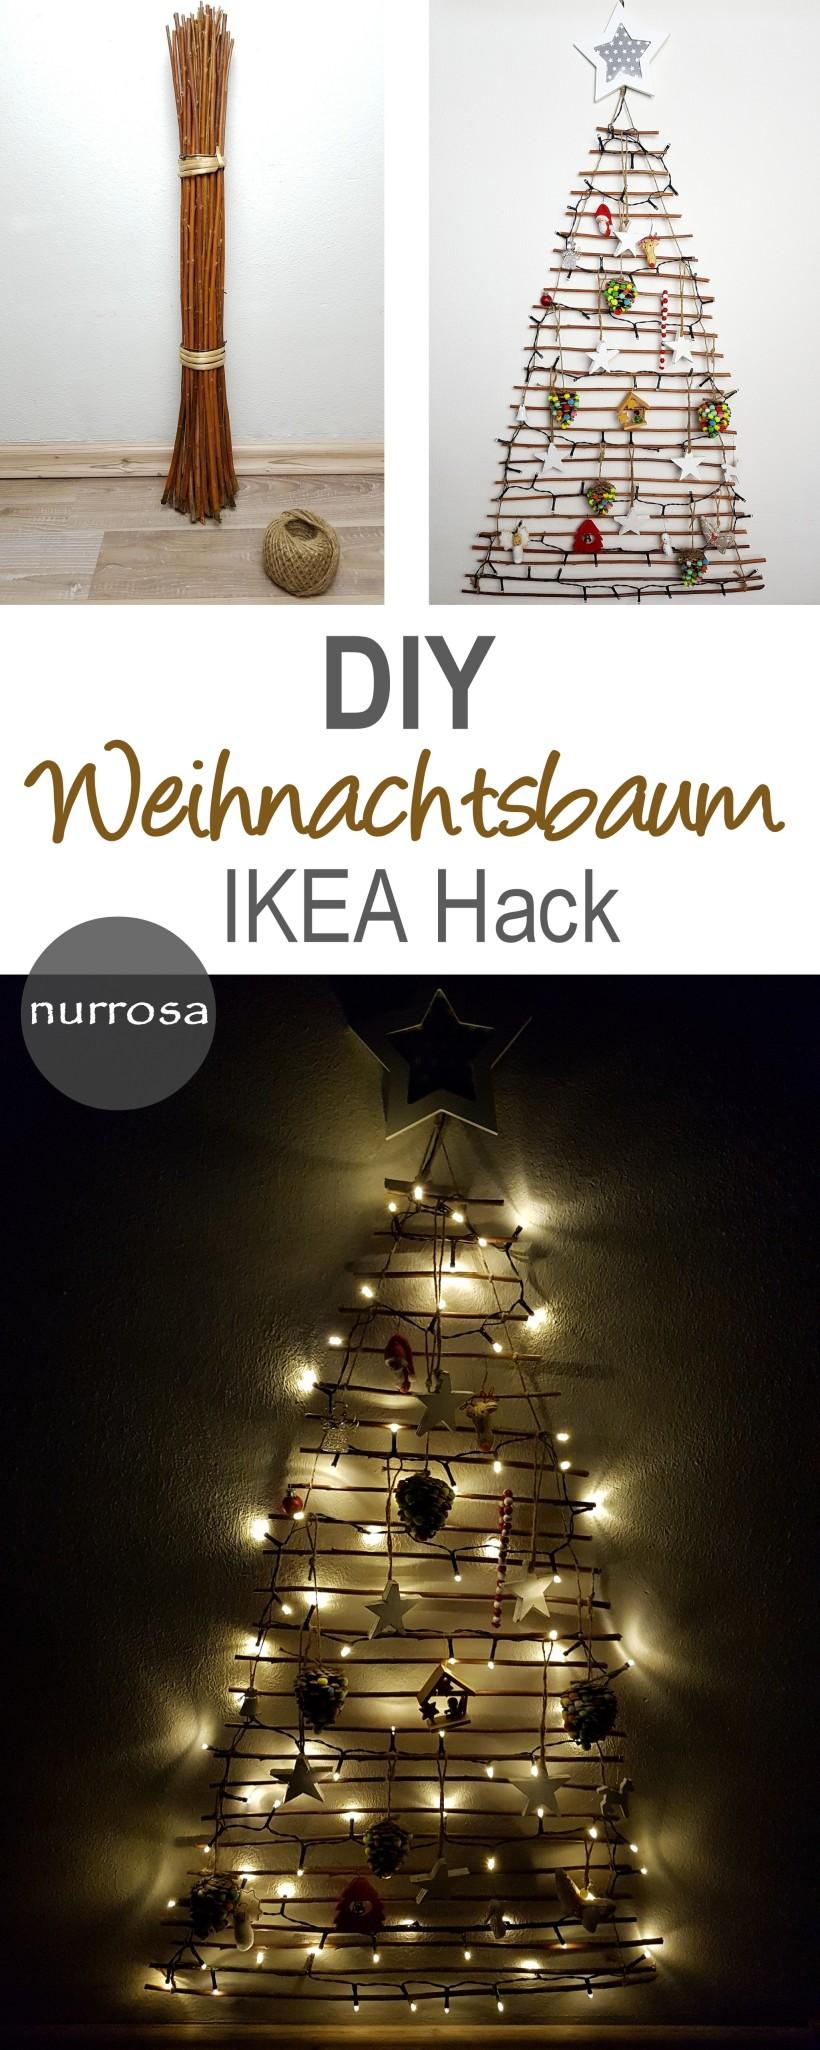 Weihnachtsbaum selber basteln DIY